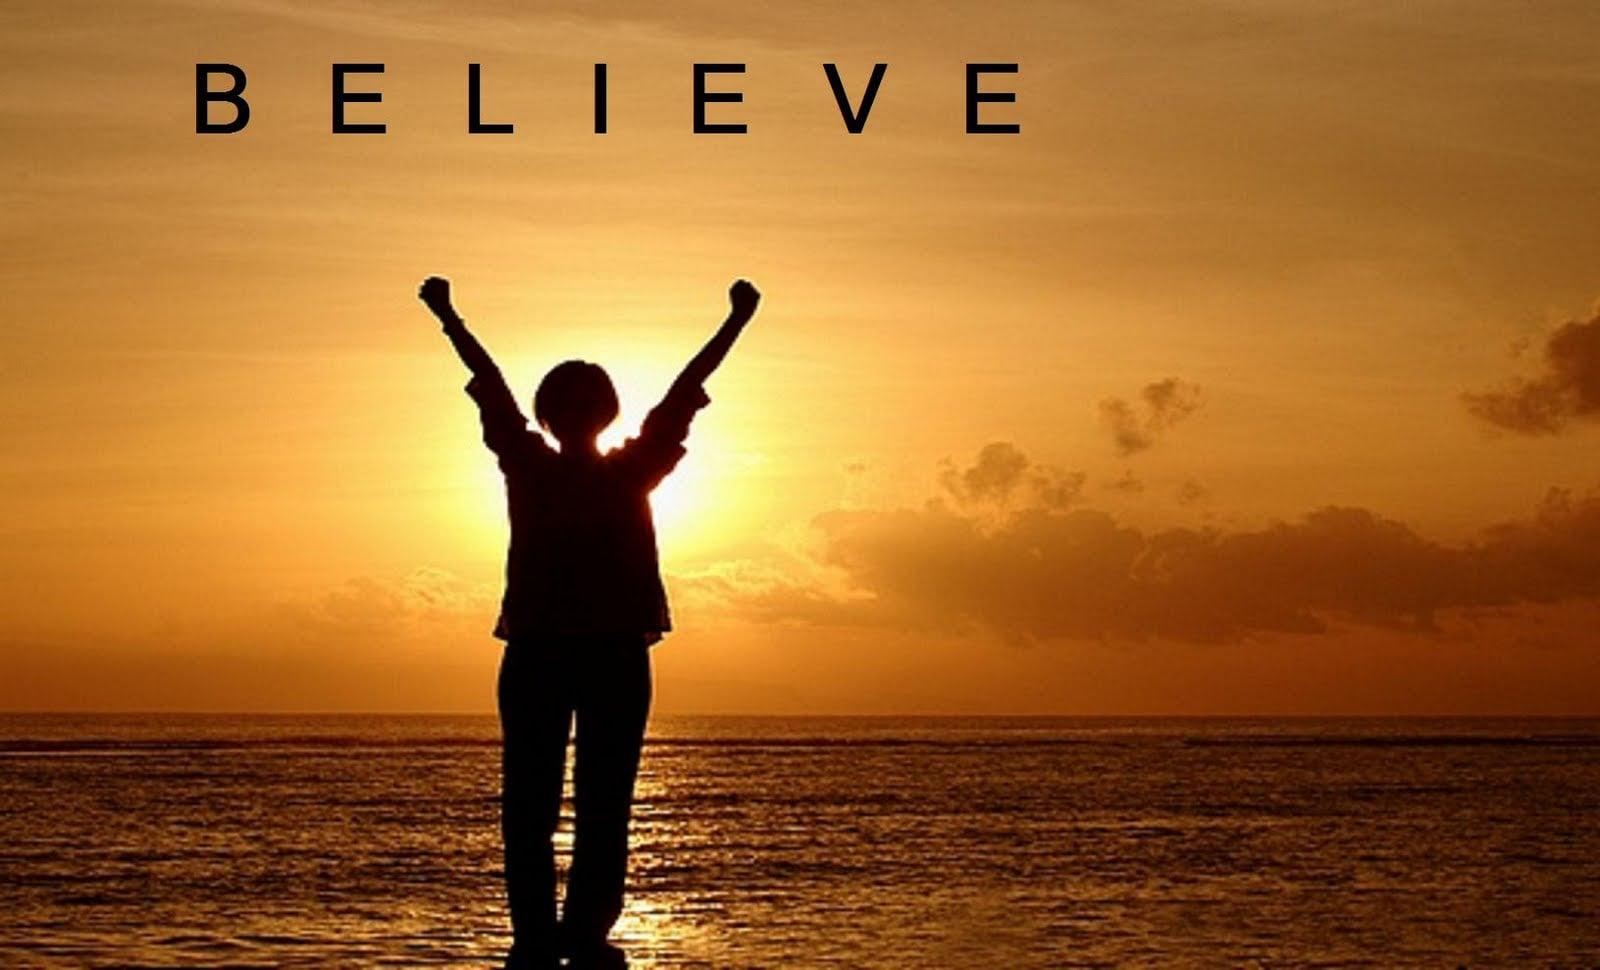 believe_nischala.jpg